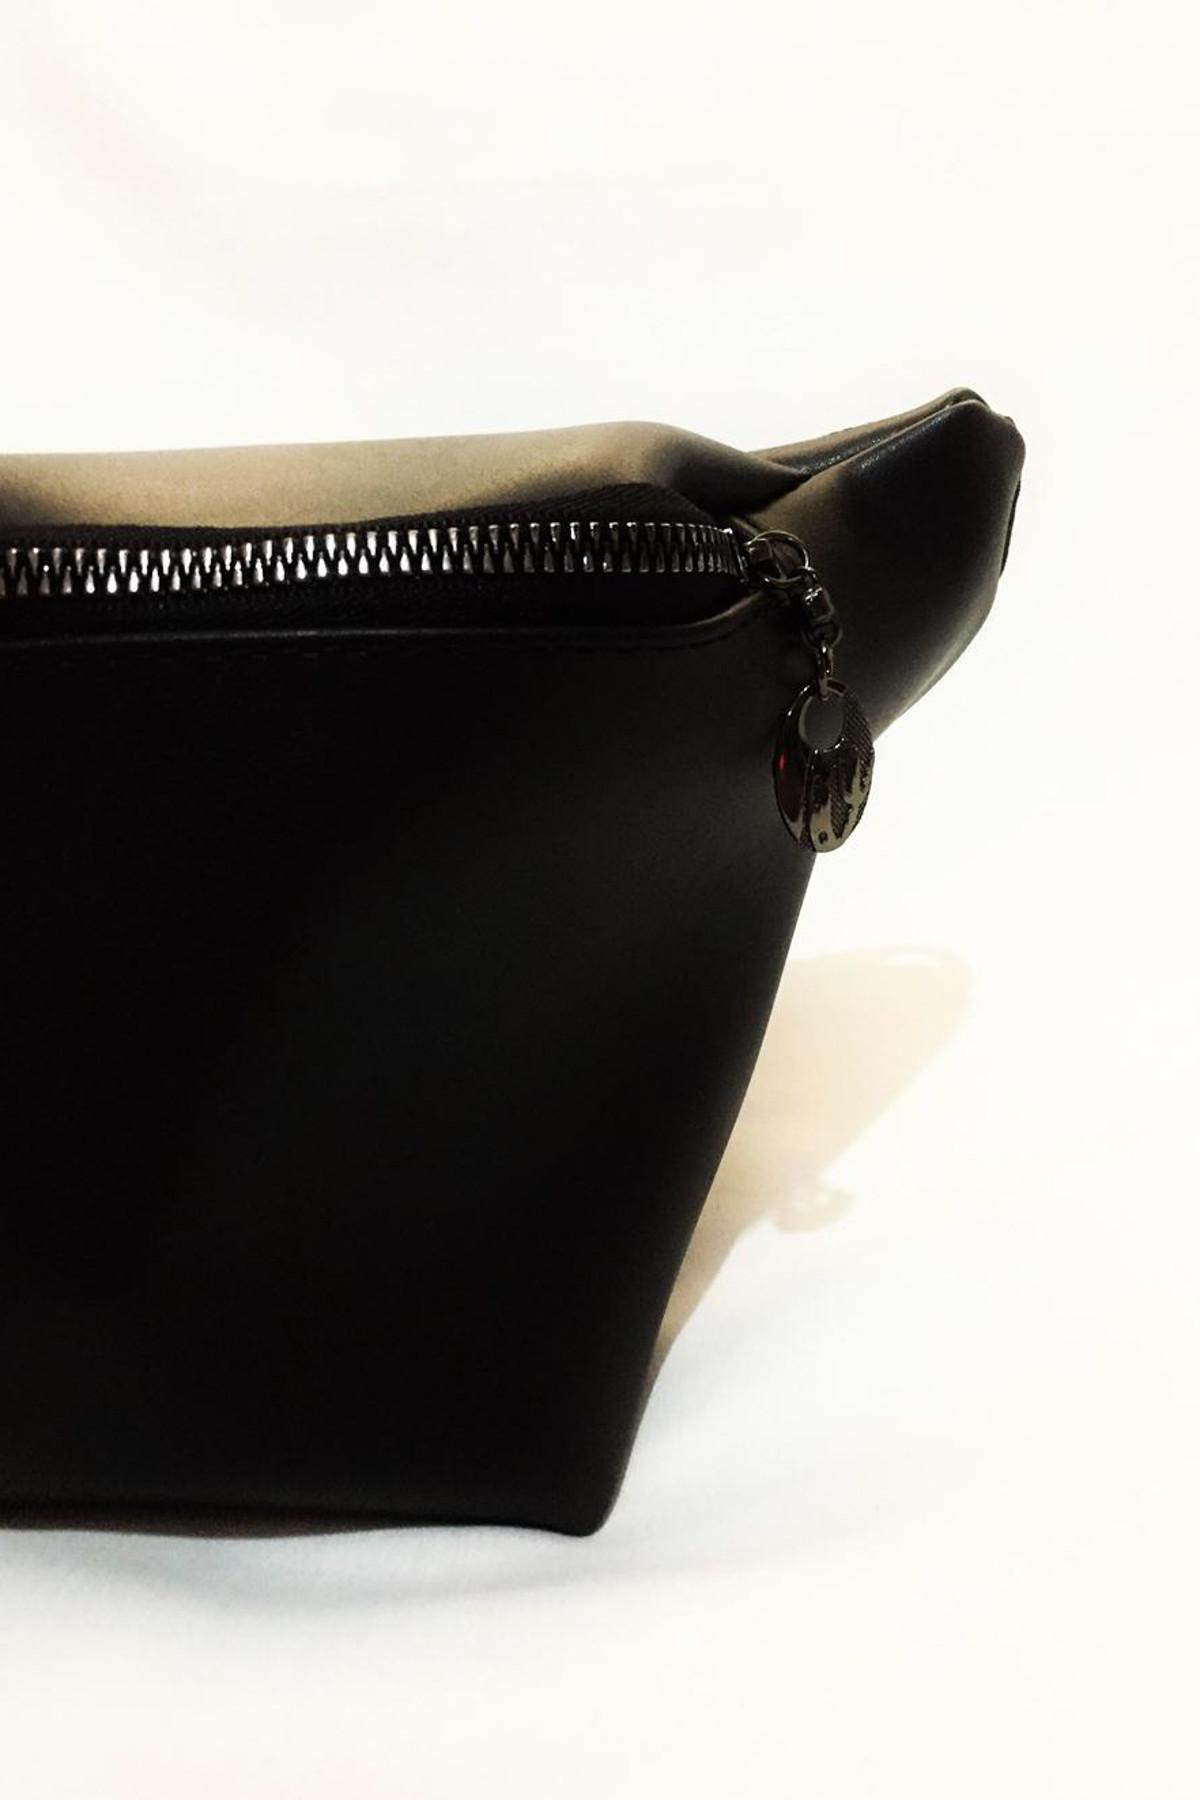 Dr. Stone Marka Kadın Siyah Rengi Deri Bel Çantası Xybdr122 2